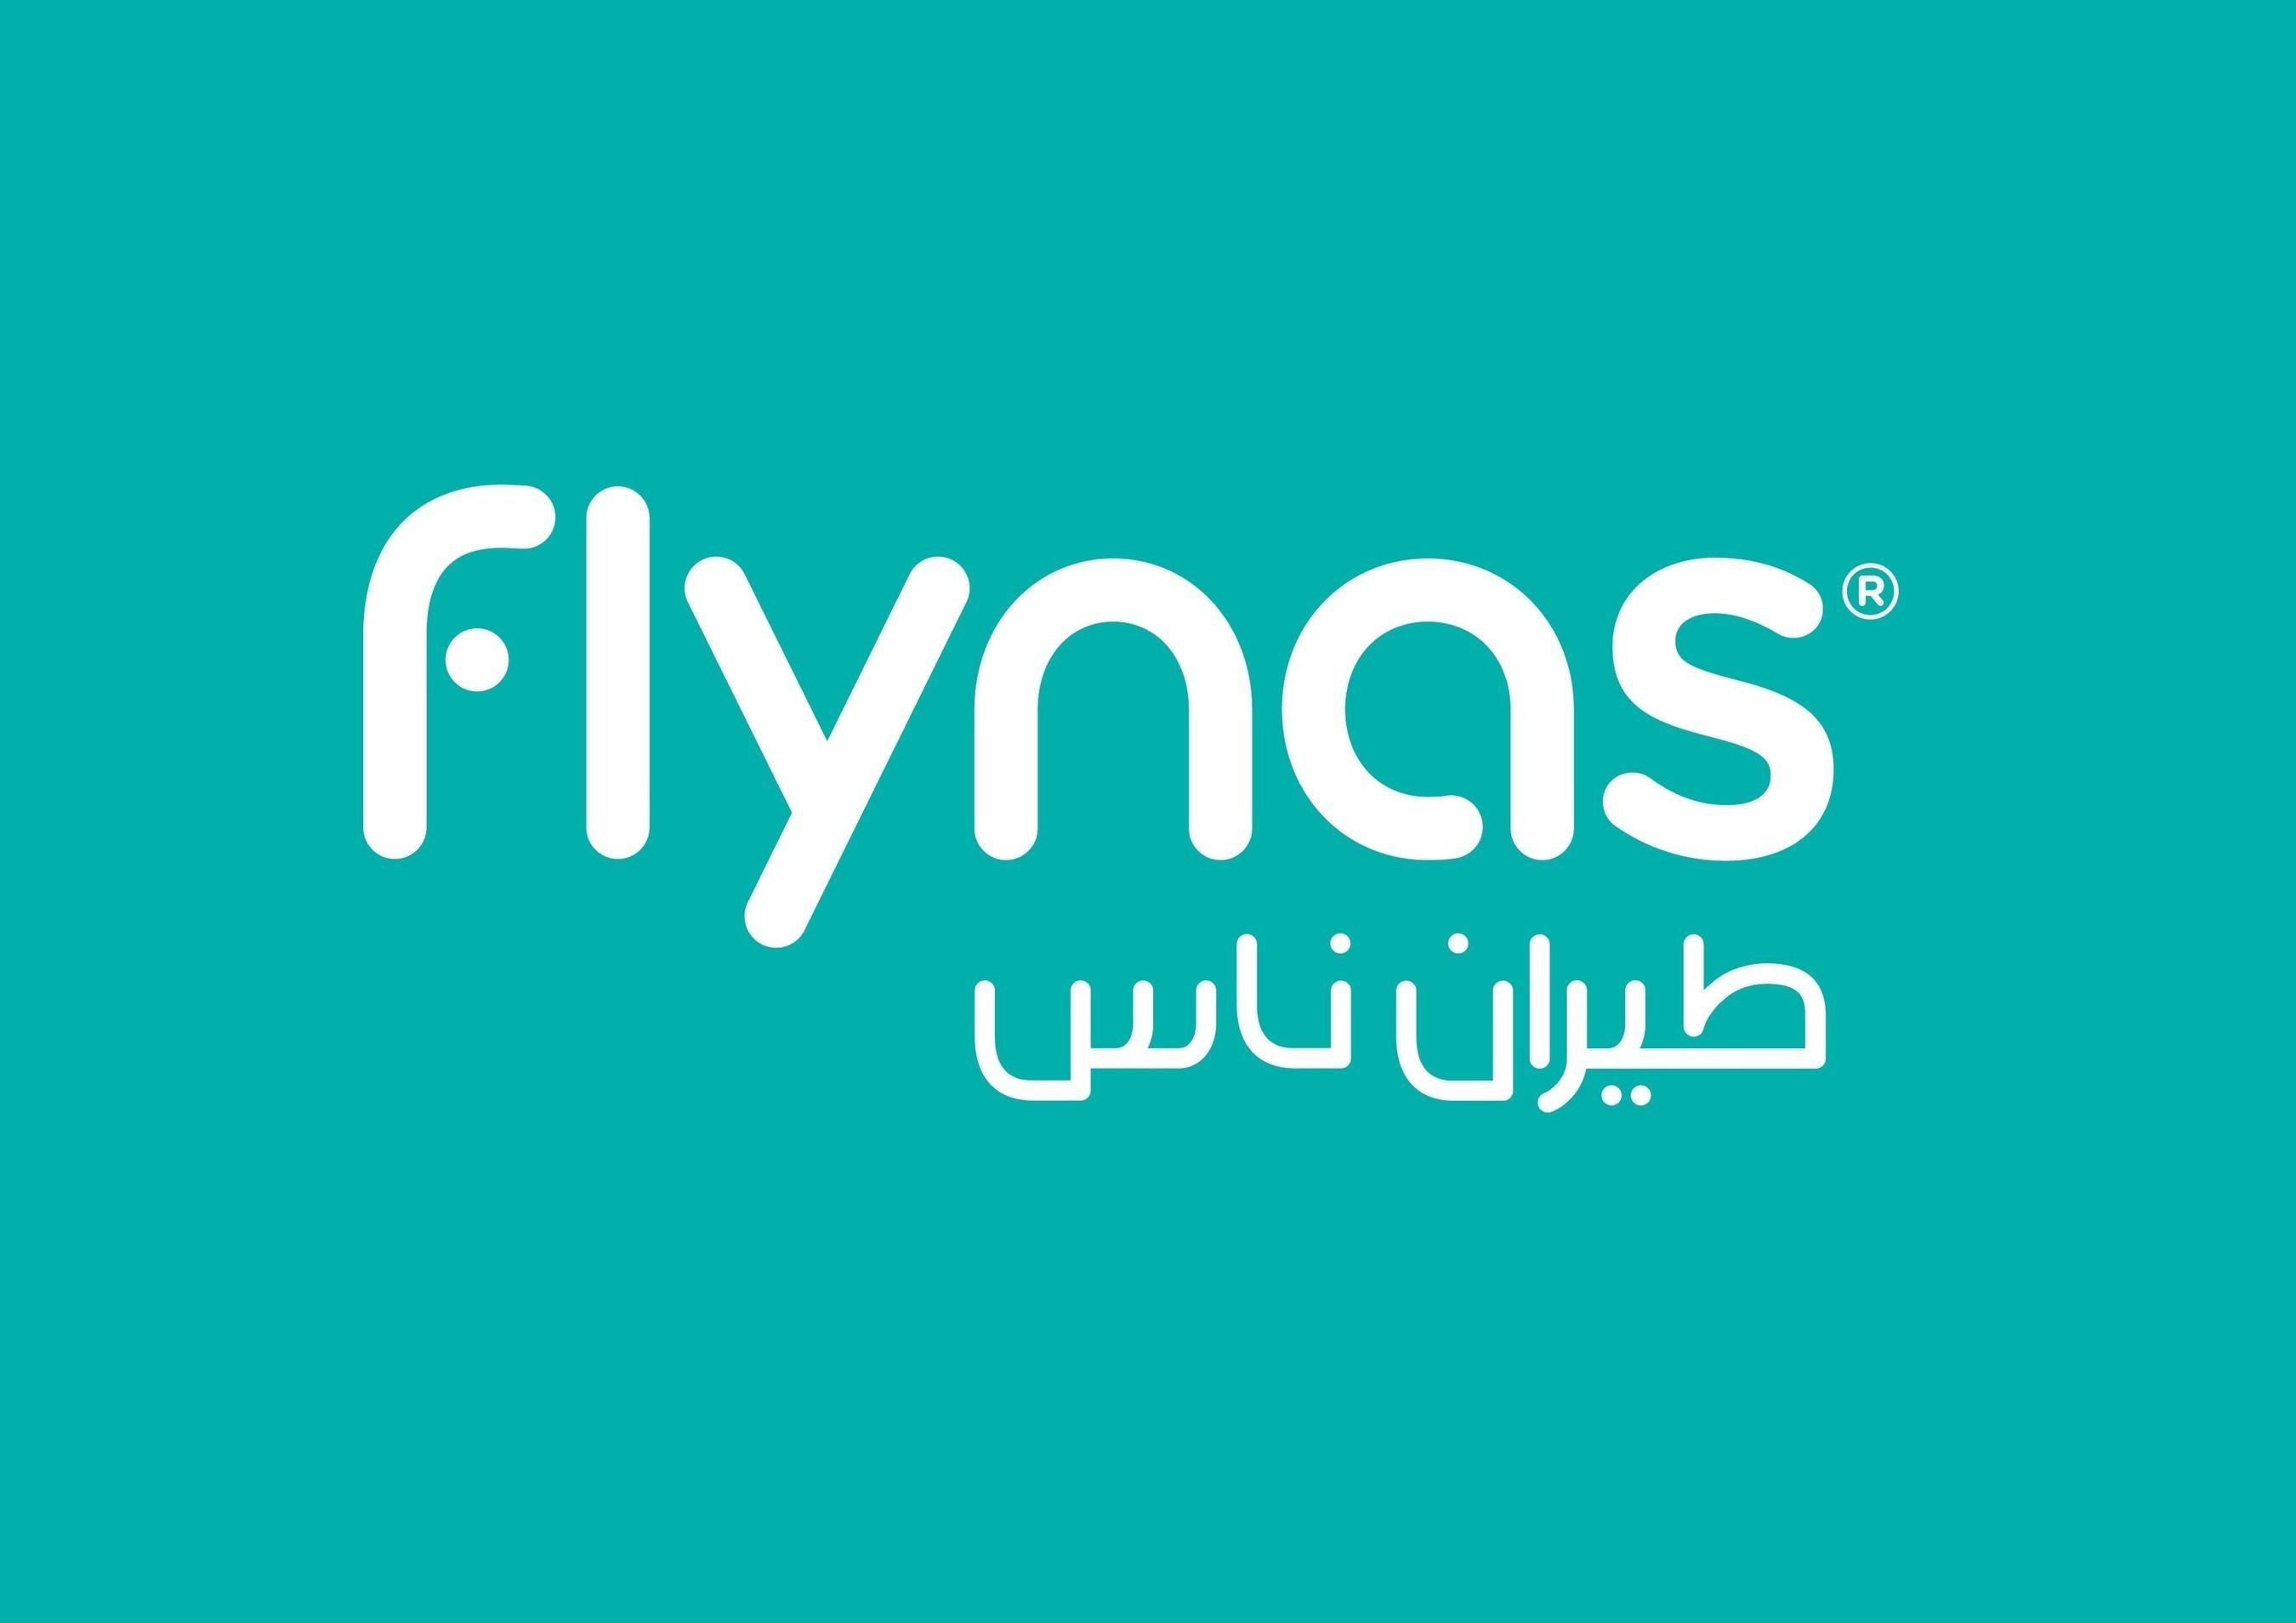 flynas logo (PRNewsFoto/flynas)